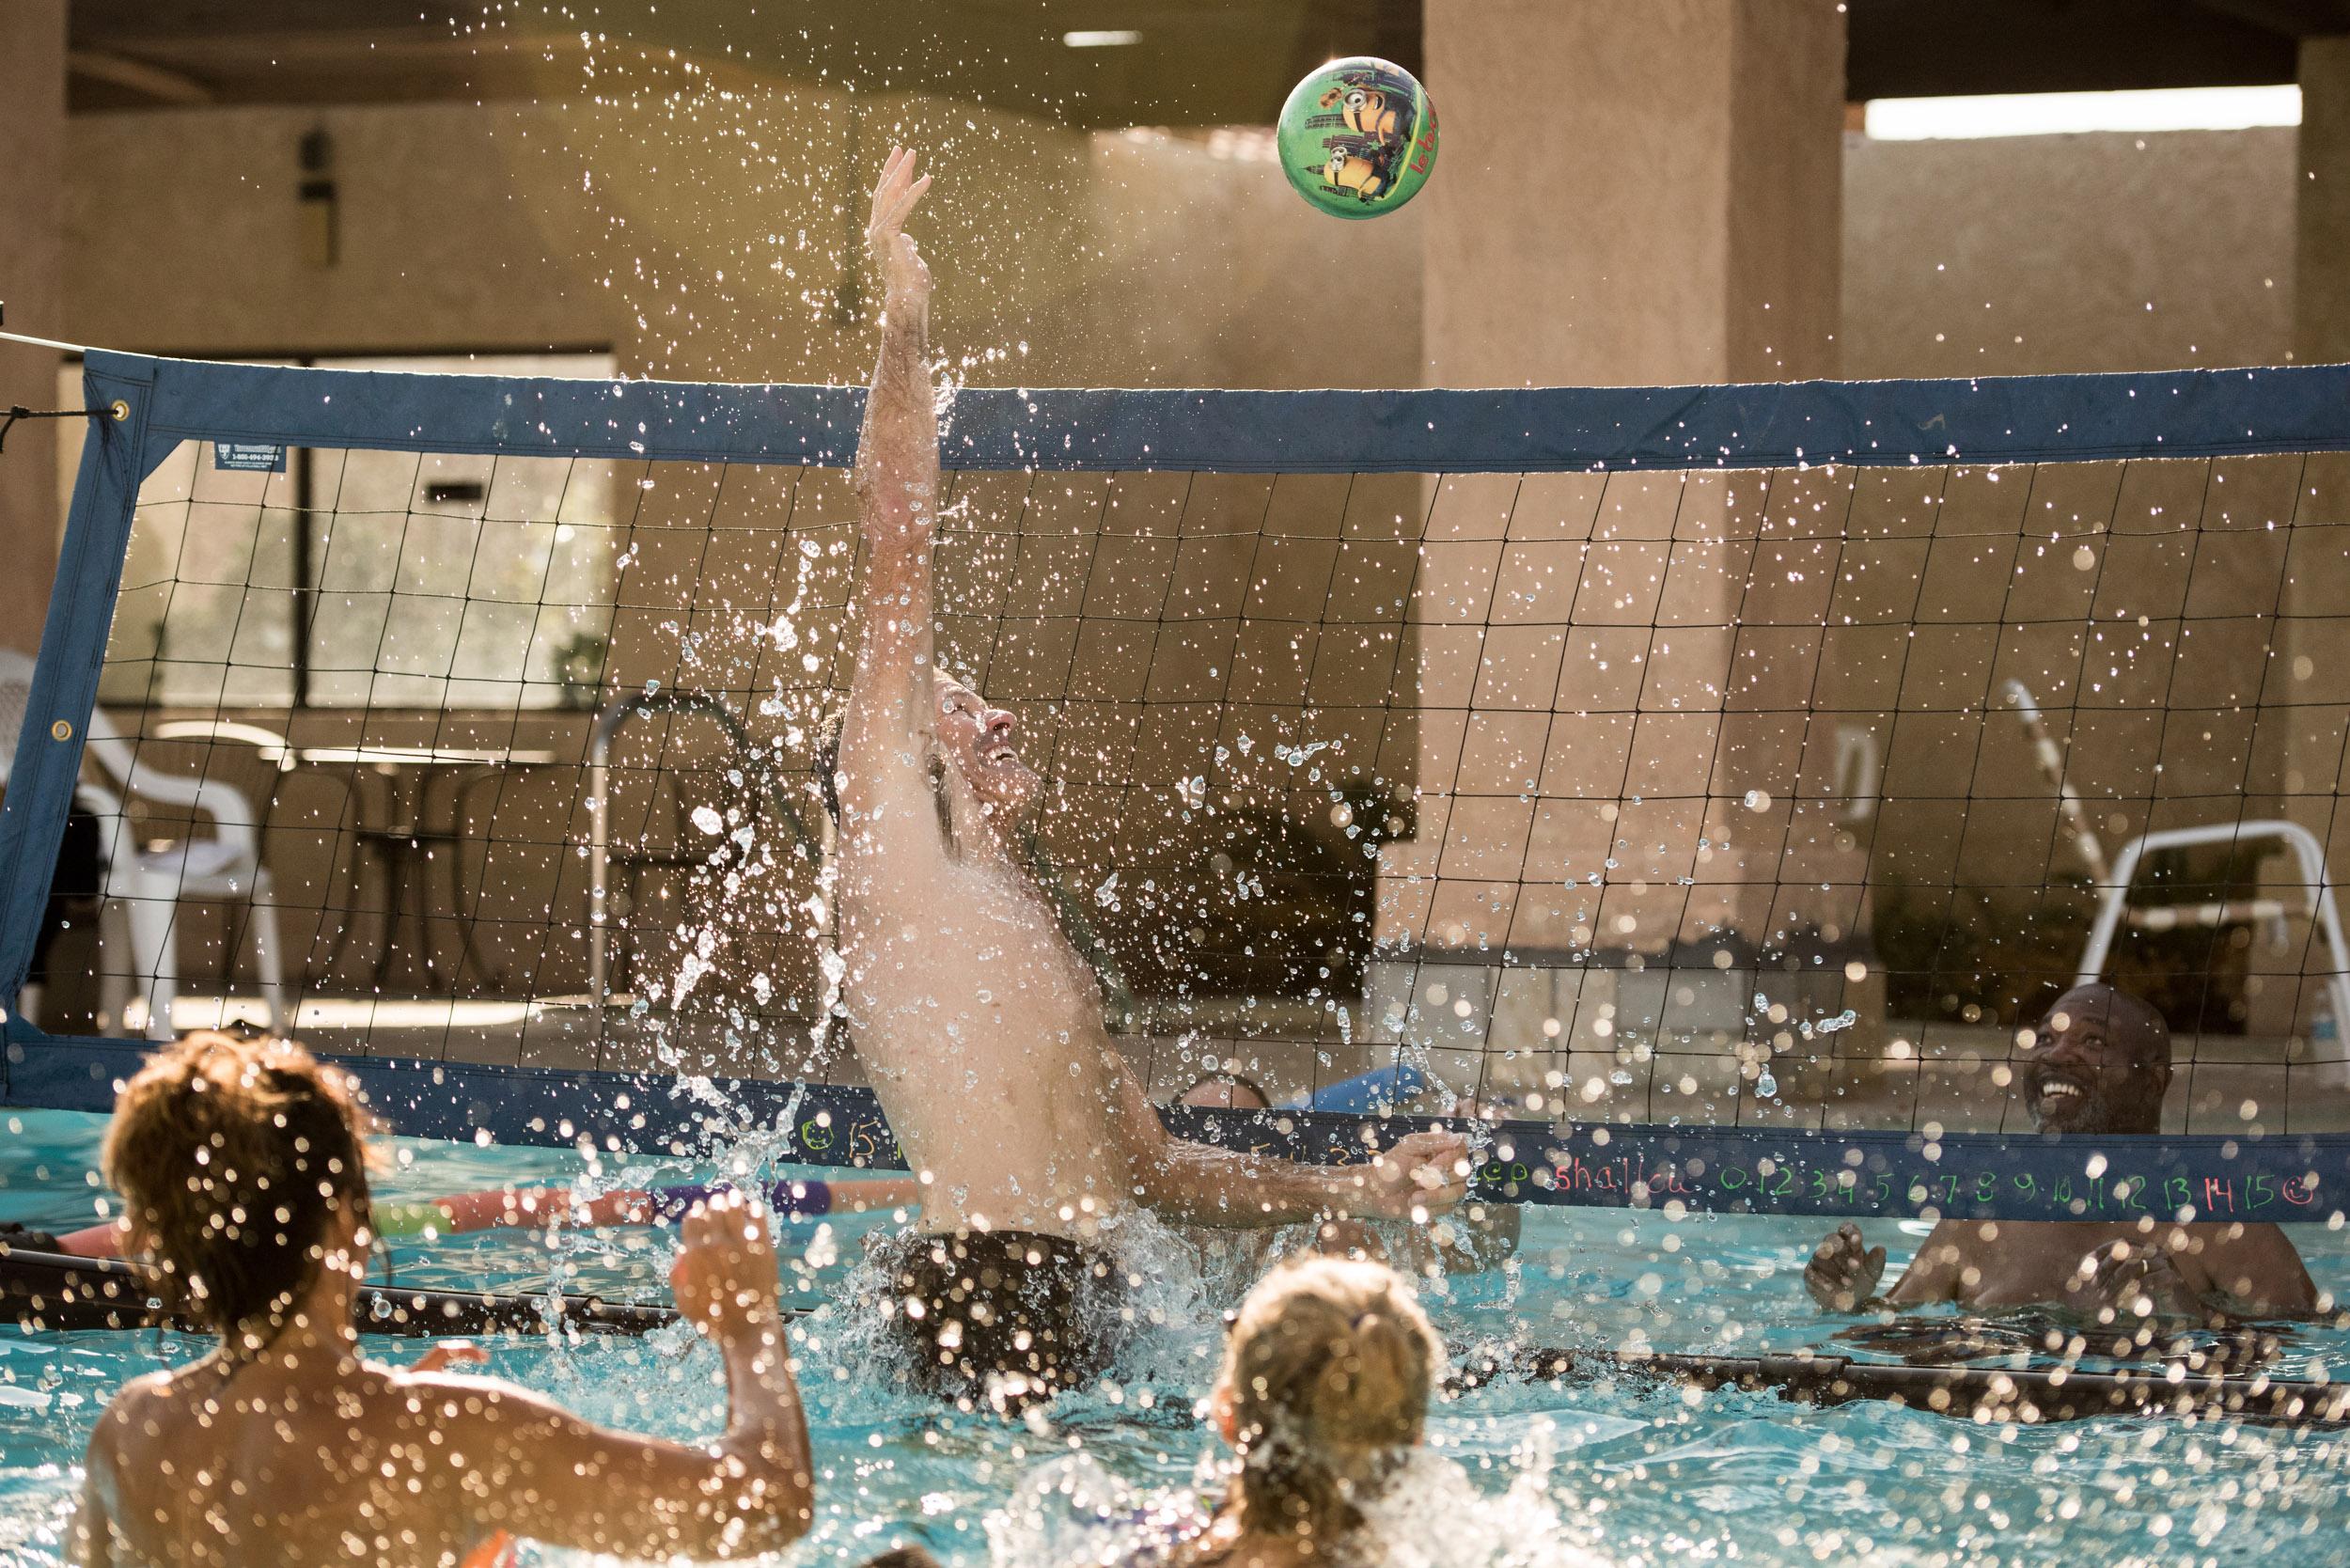 waterball-club-rv-park-activities-palm-springs-california.jpg